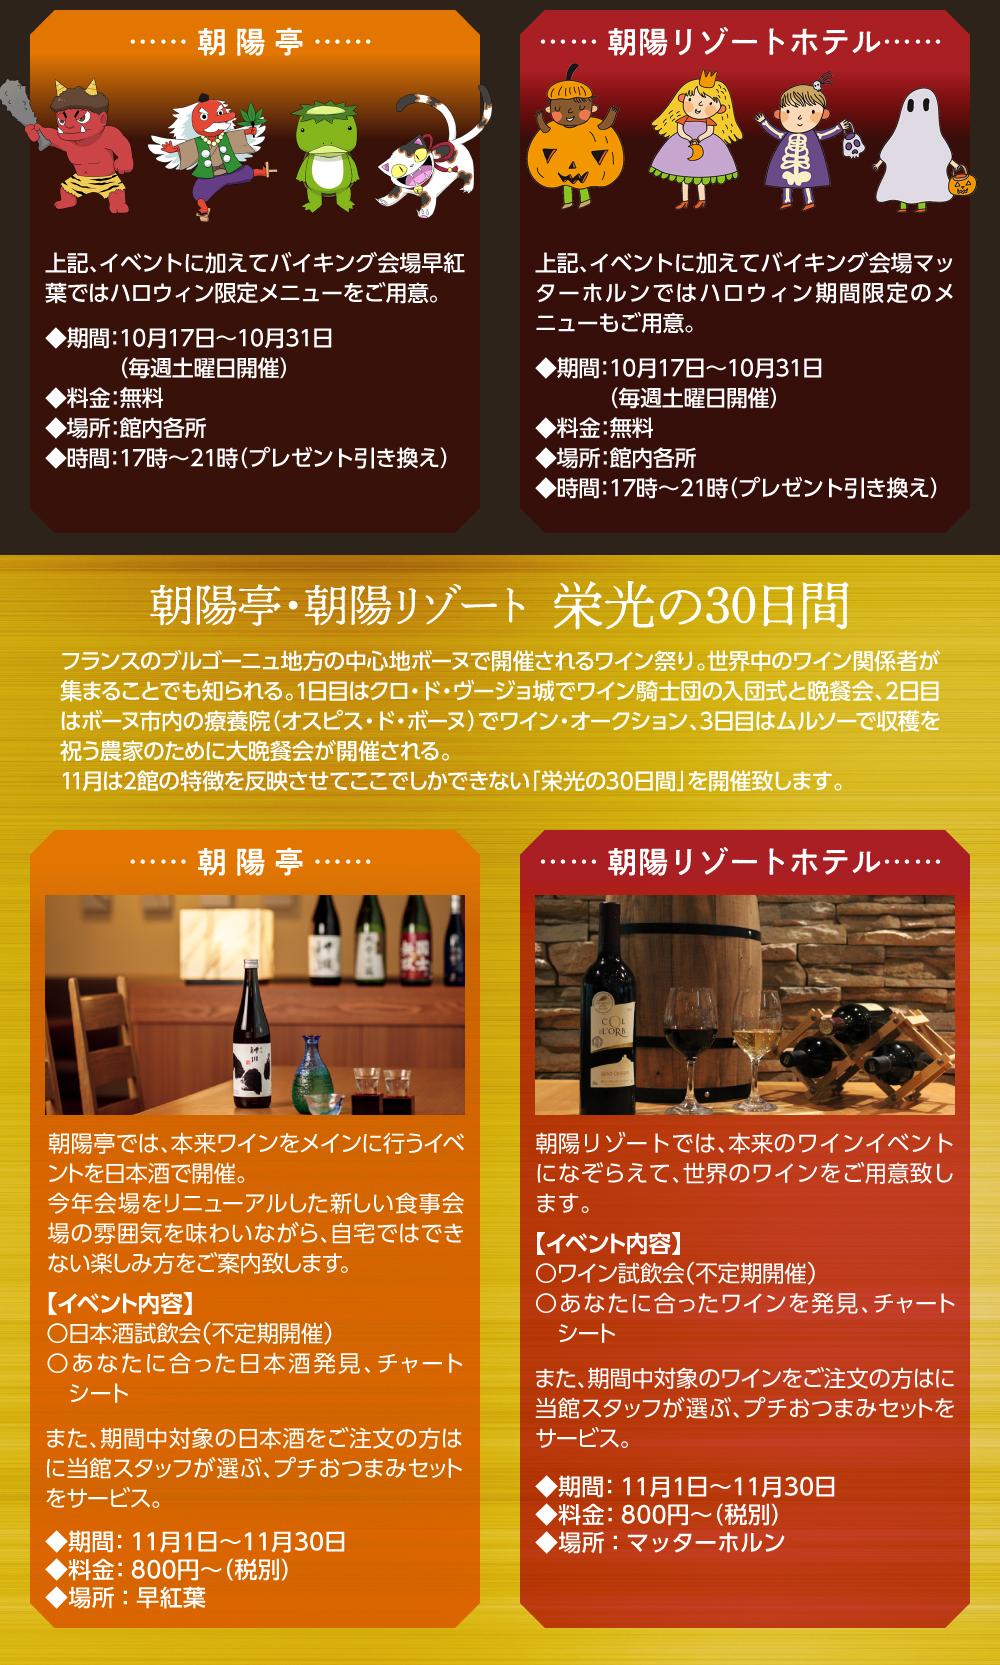 栄光の30日間 日本酒 ワイン